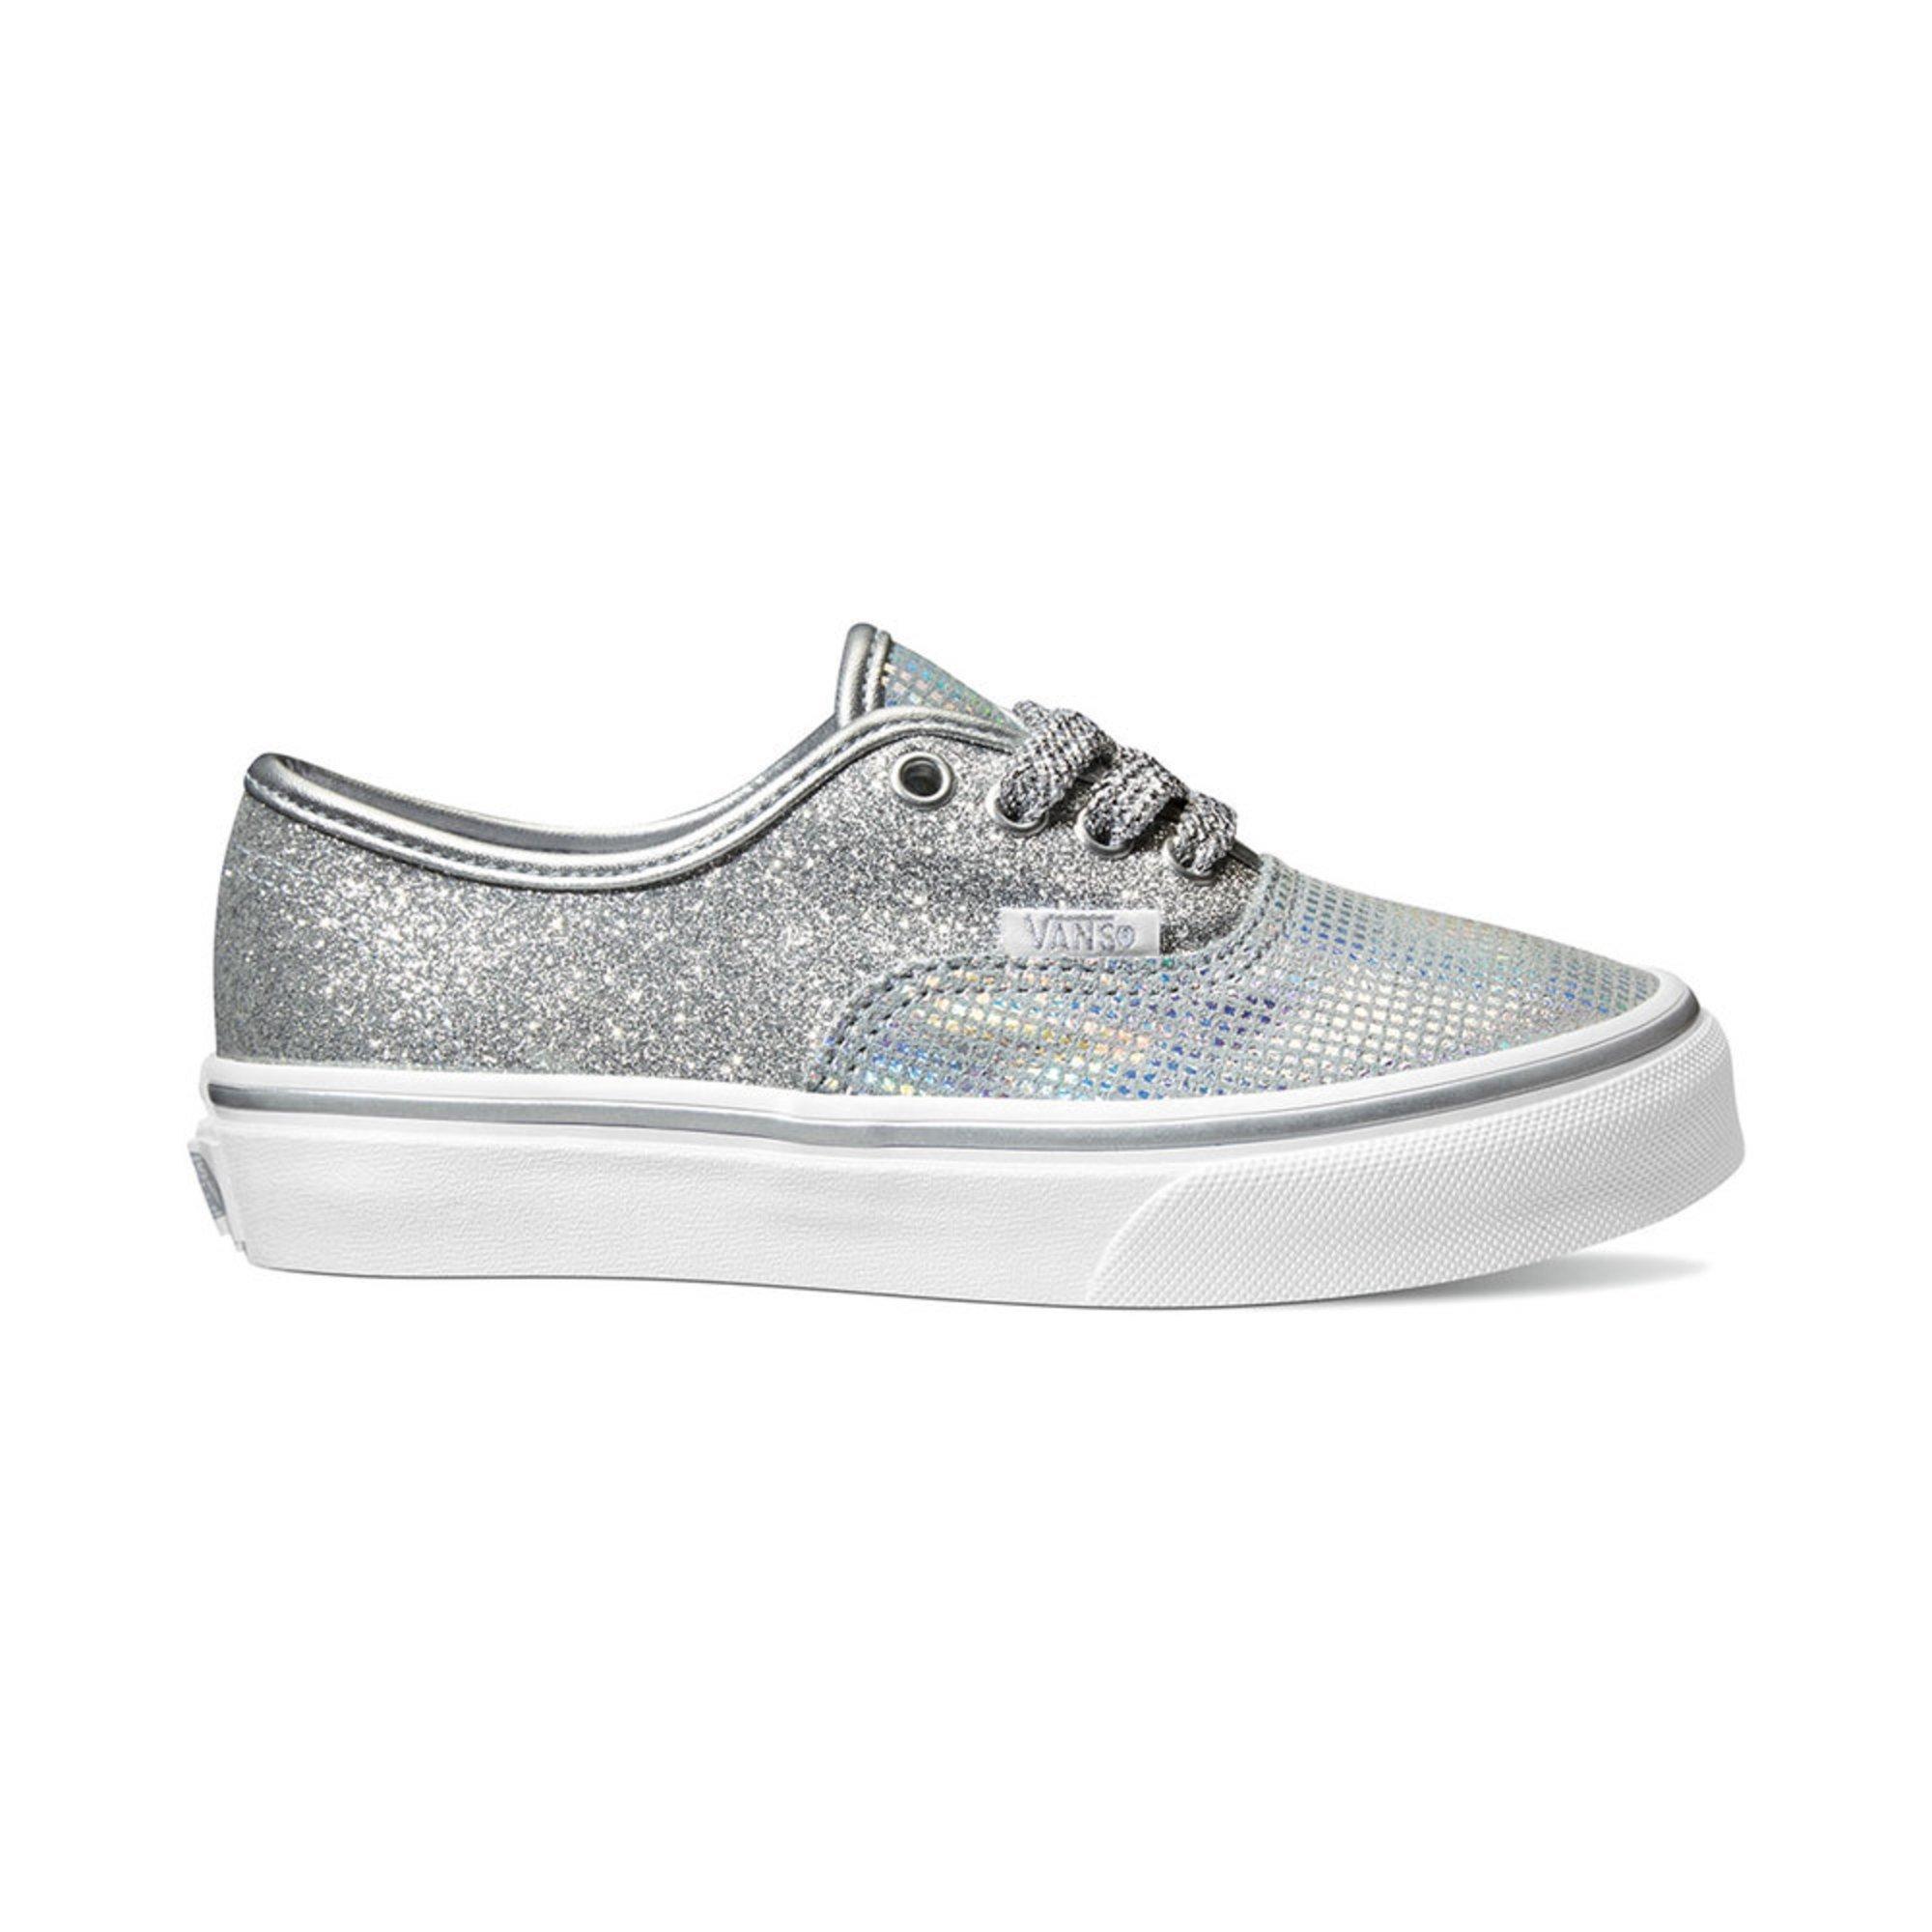 Vans. Vans Girls Authentic Metallic Glitter Skate Shoe (Little Kid) 2149287d4